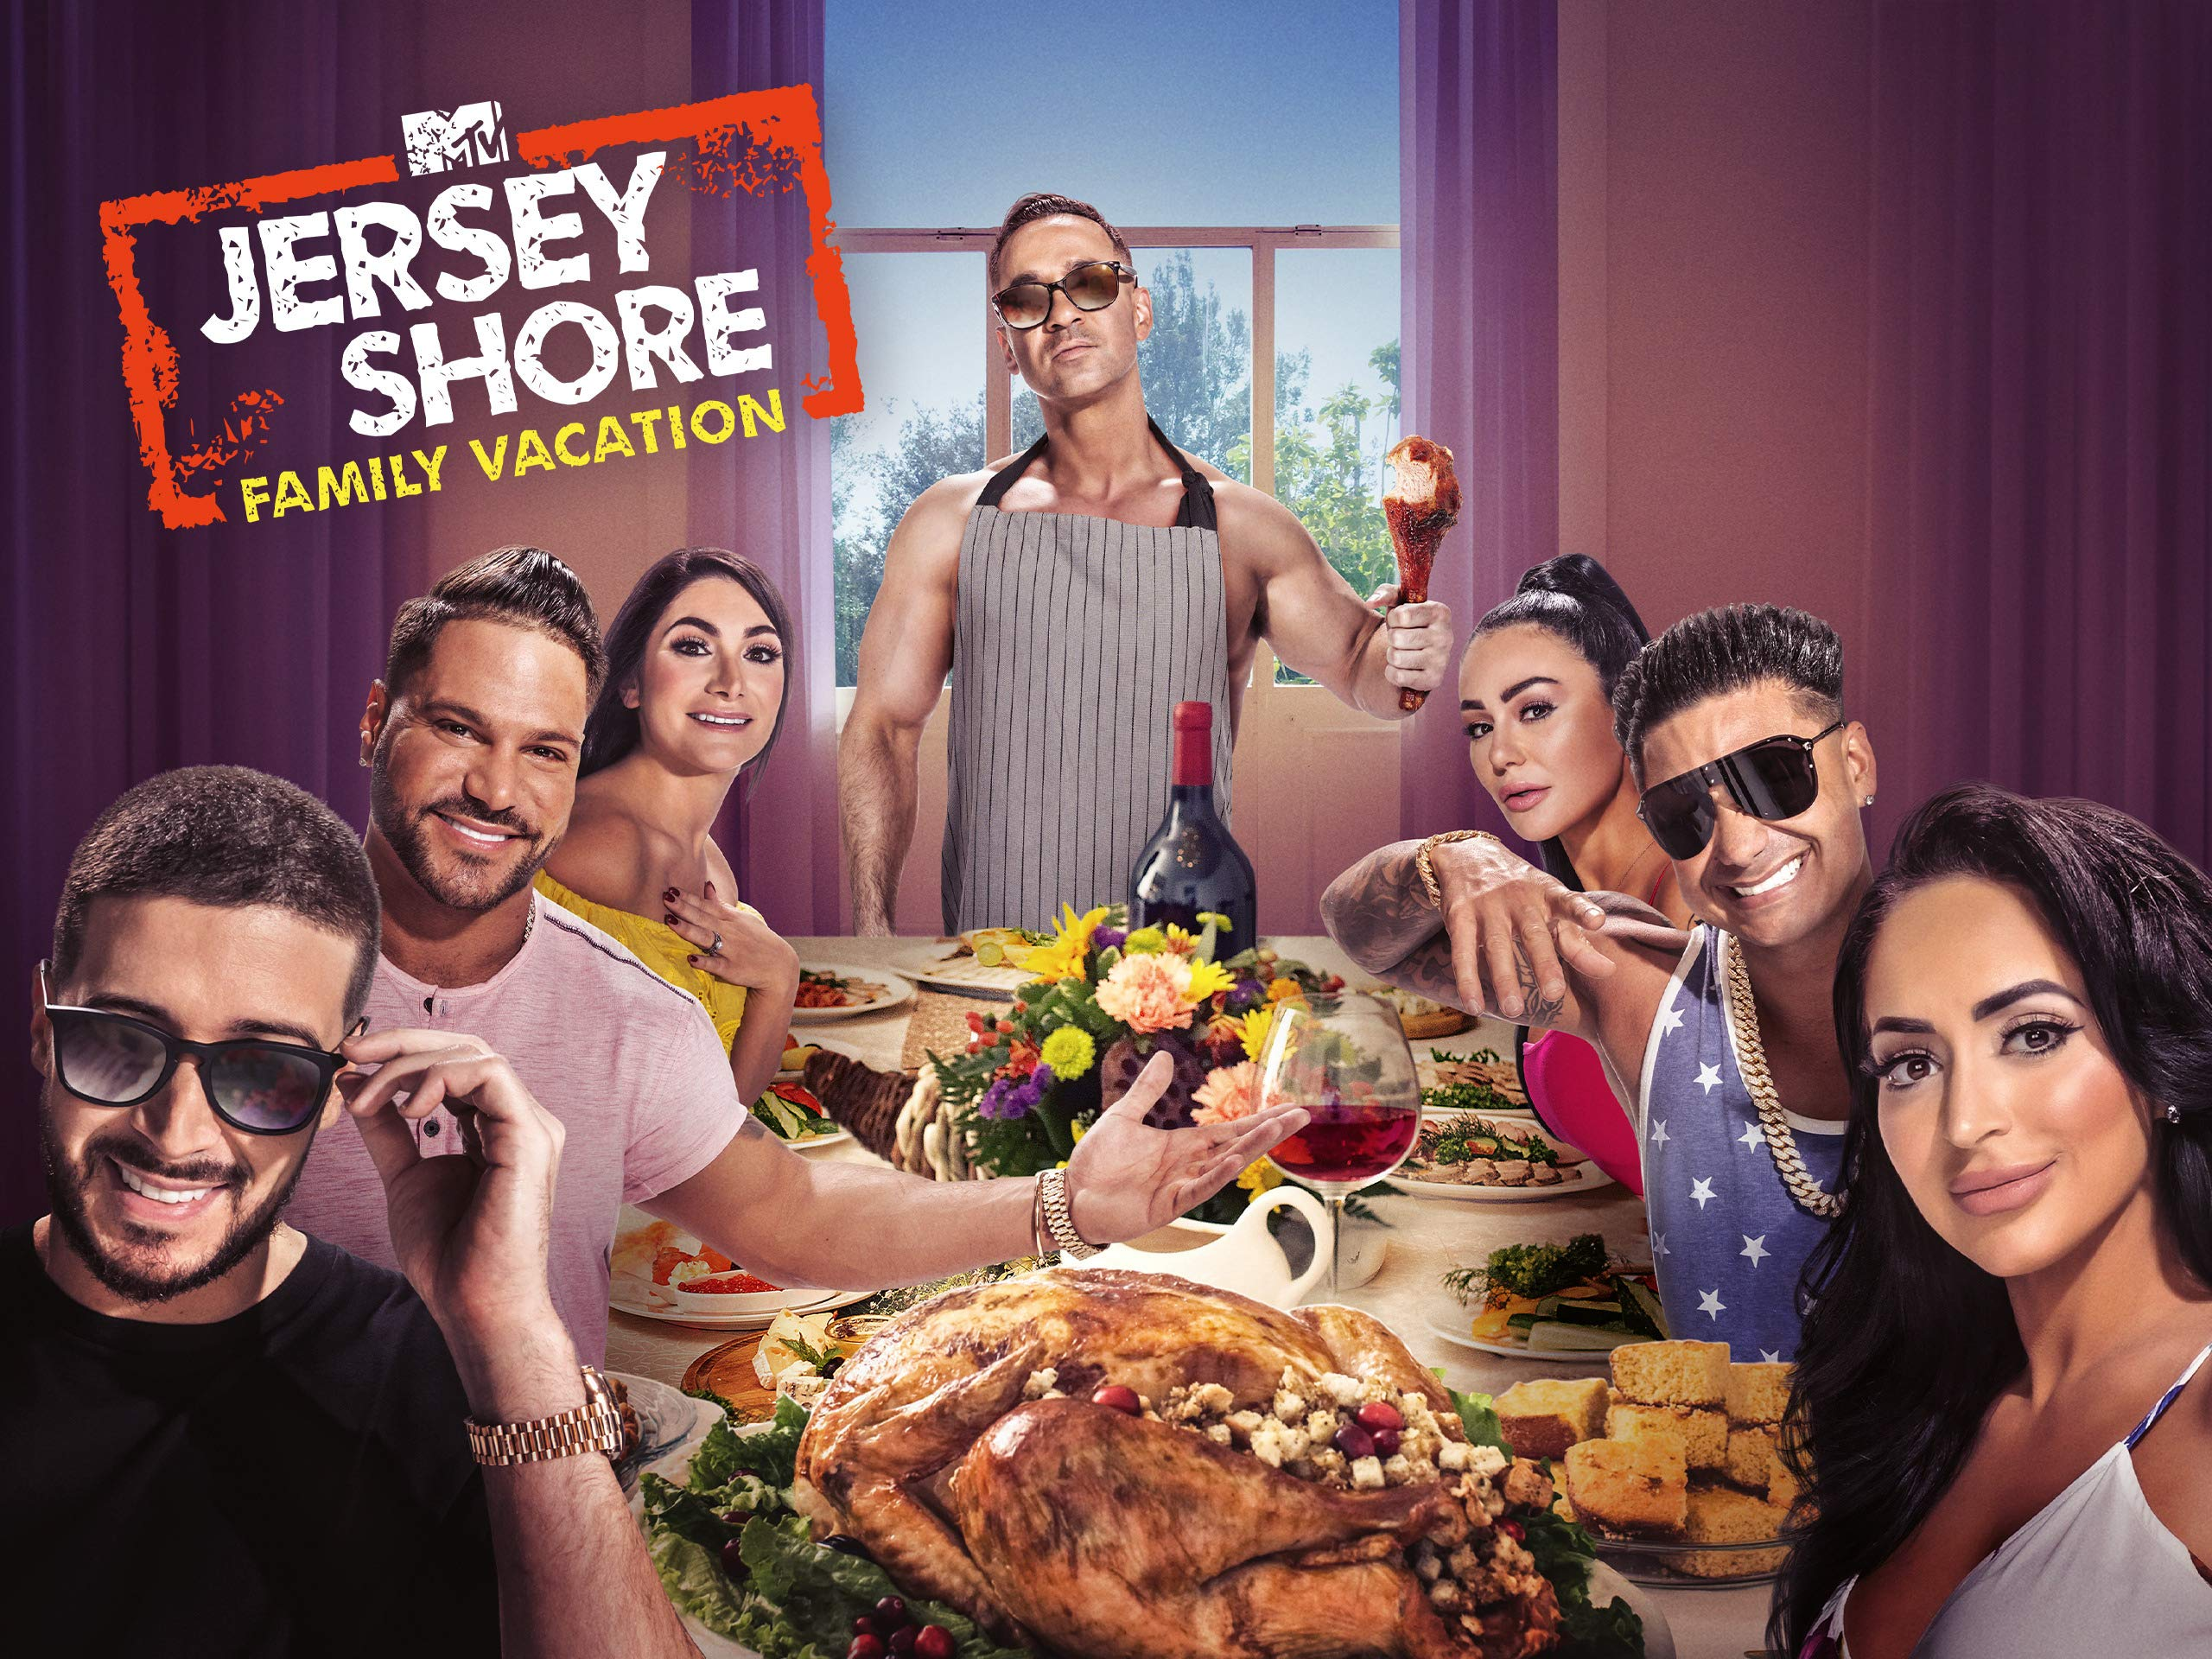 Jersey Shore Family Vacation Season 5